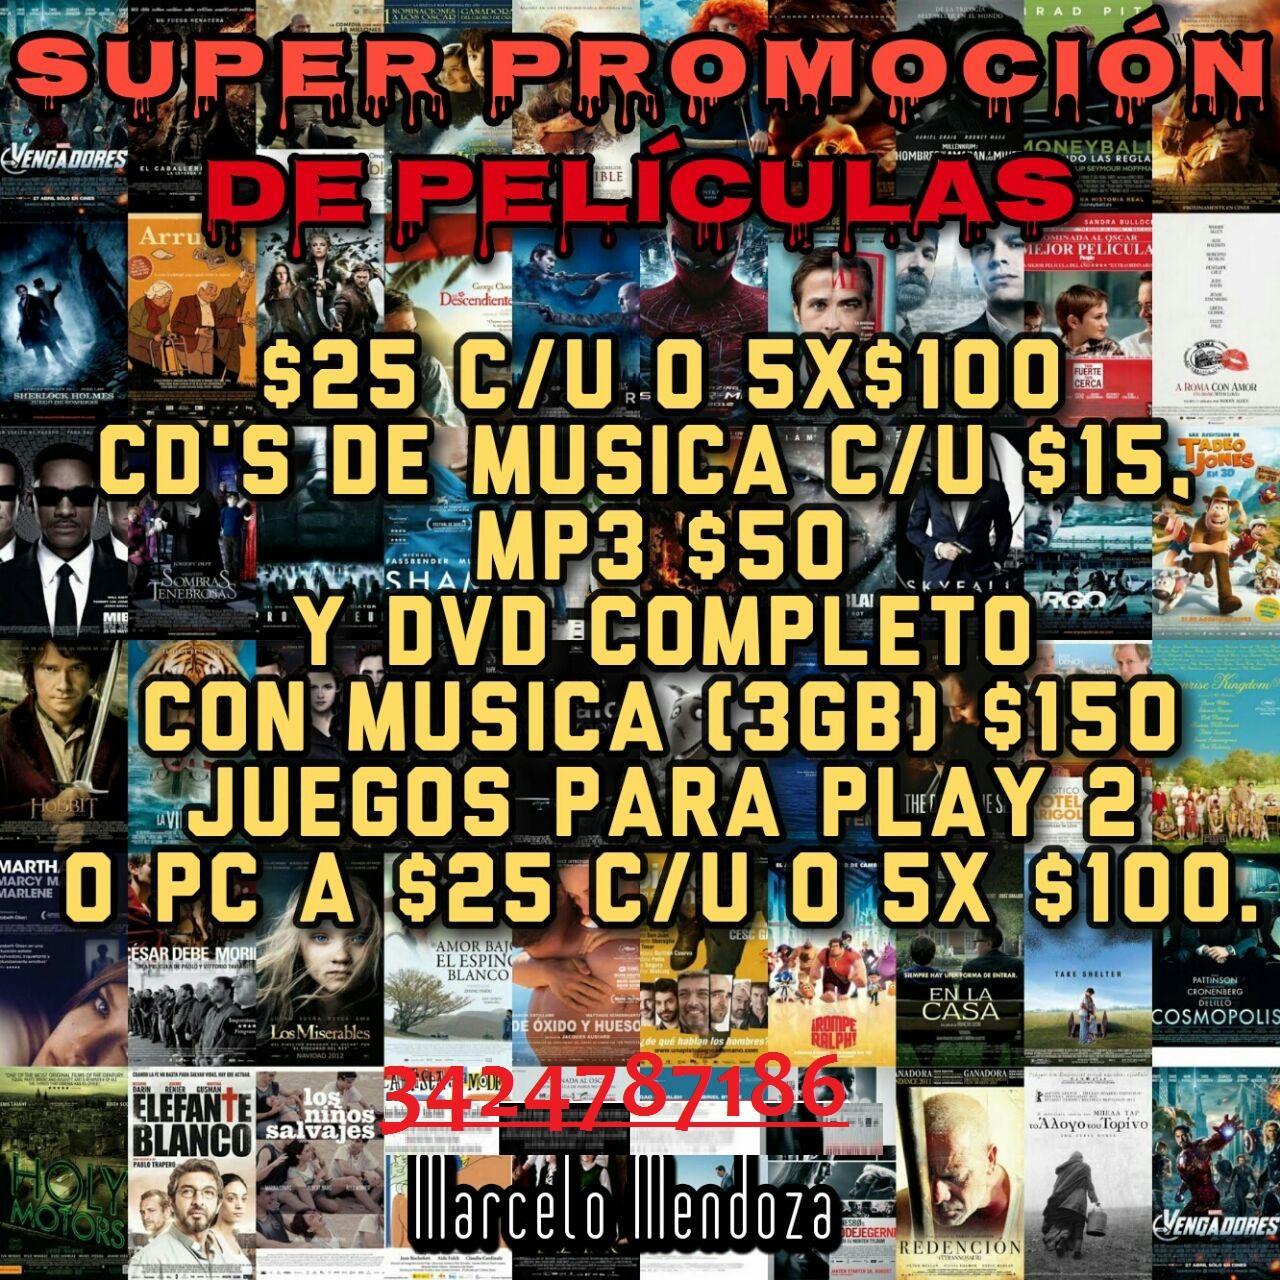 VENDO Y/O CARGO TU PENDRIVE CON MUSICA & PELIS AL MEJOR PRECIO!!